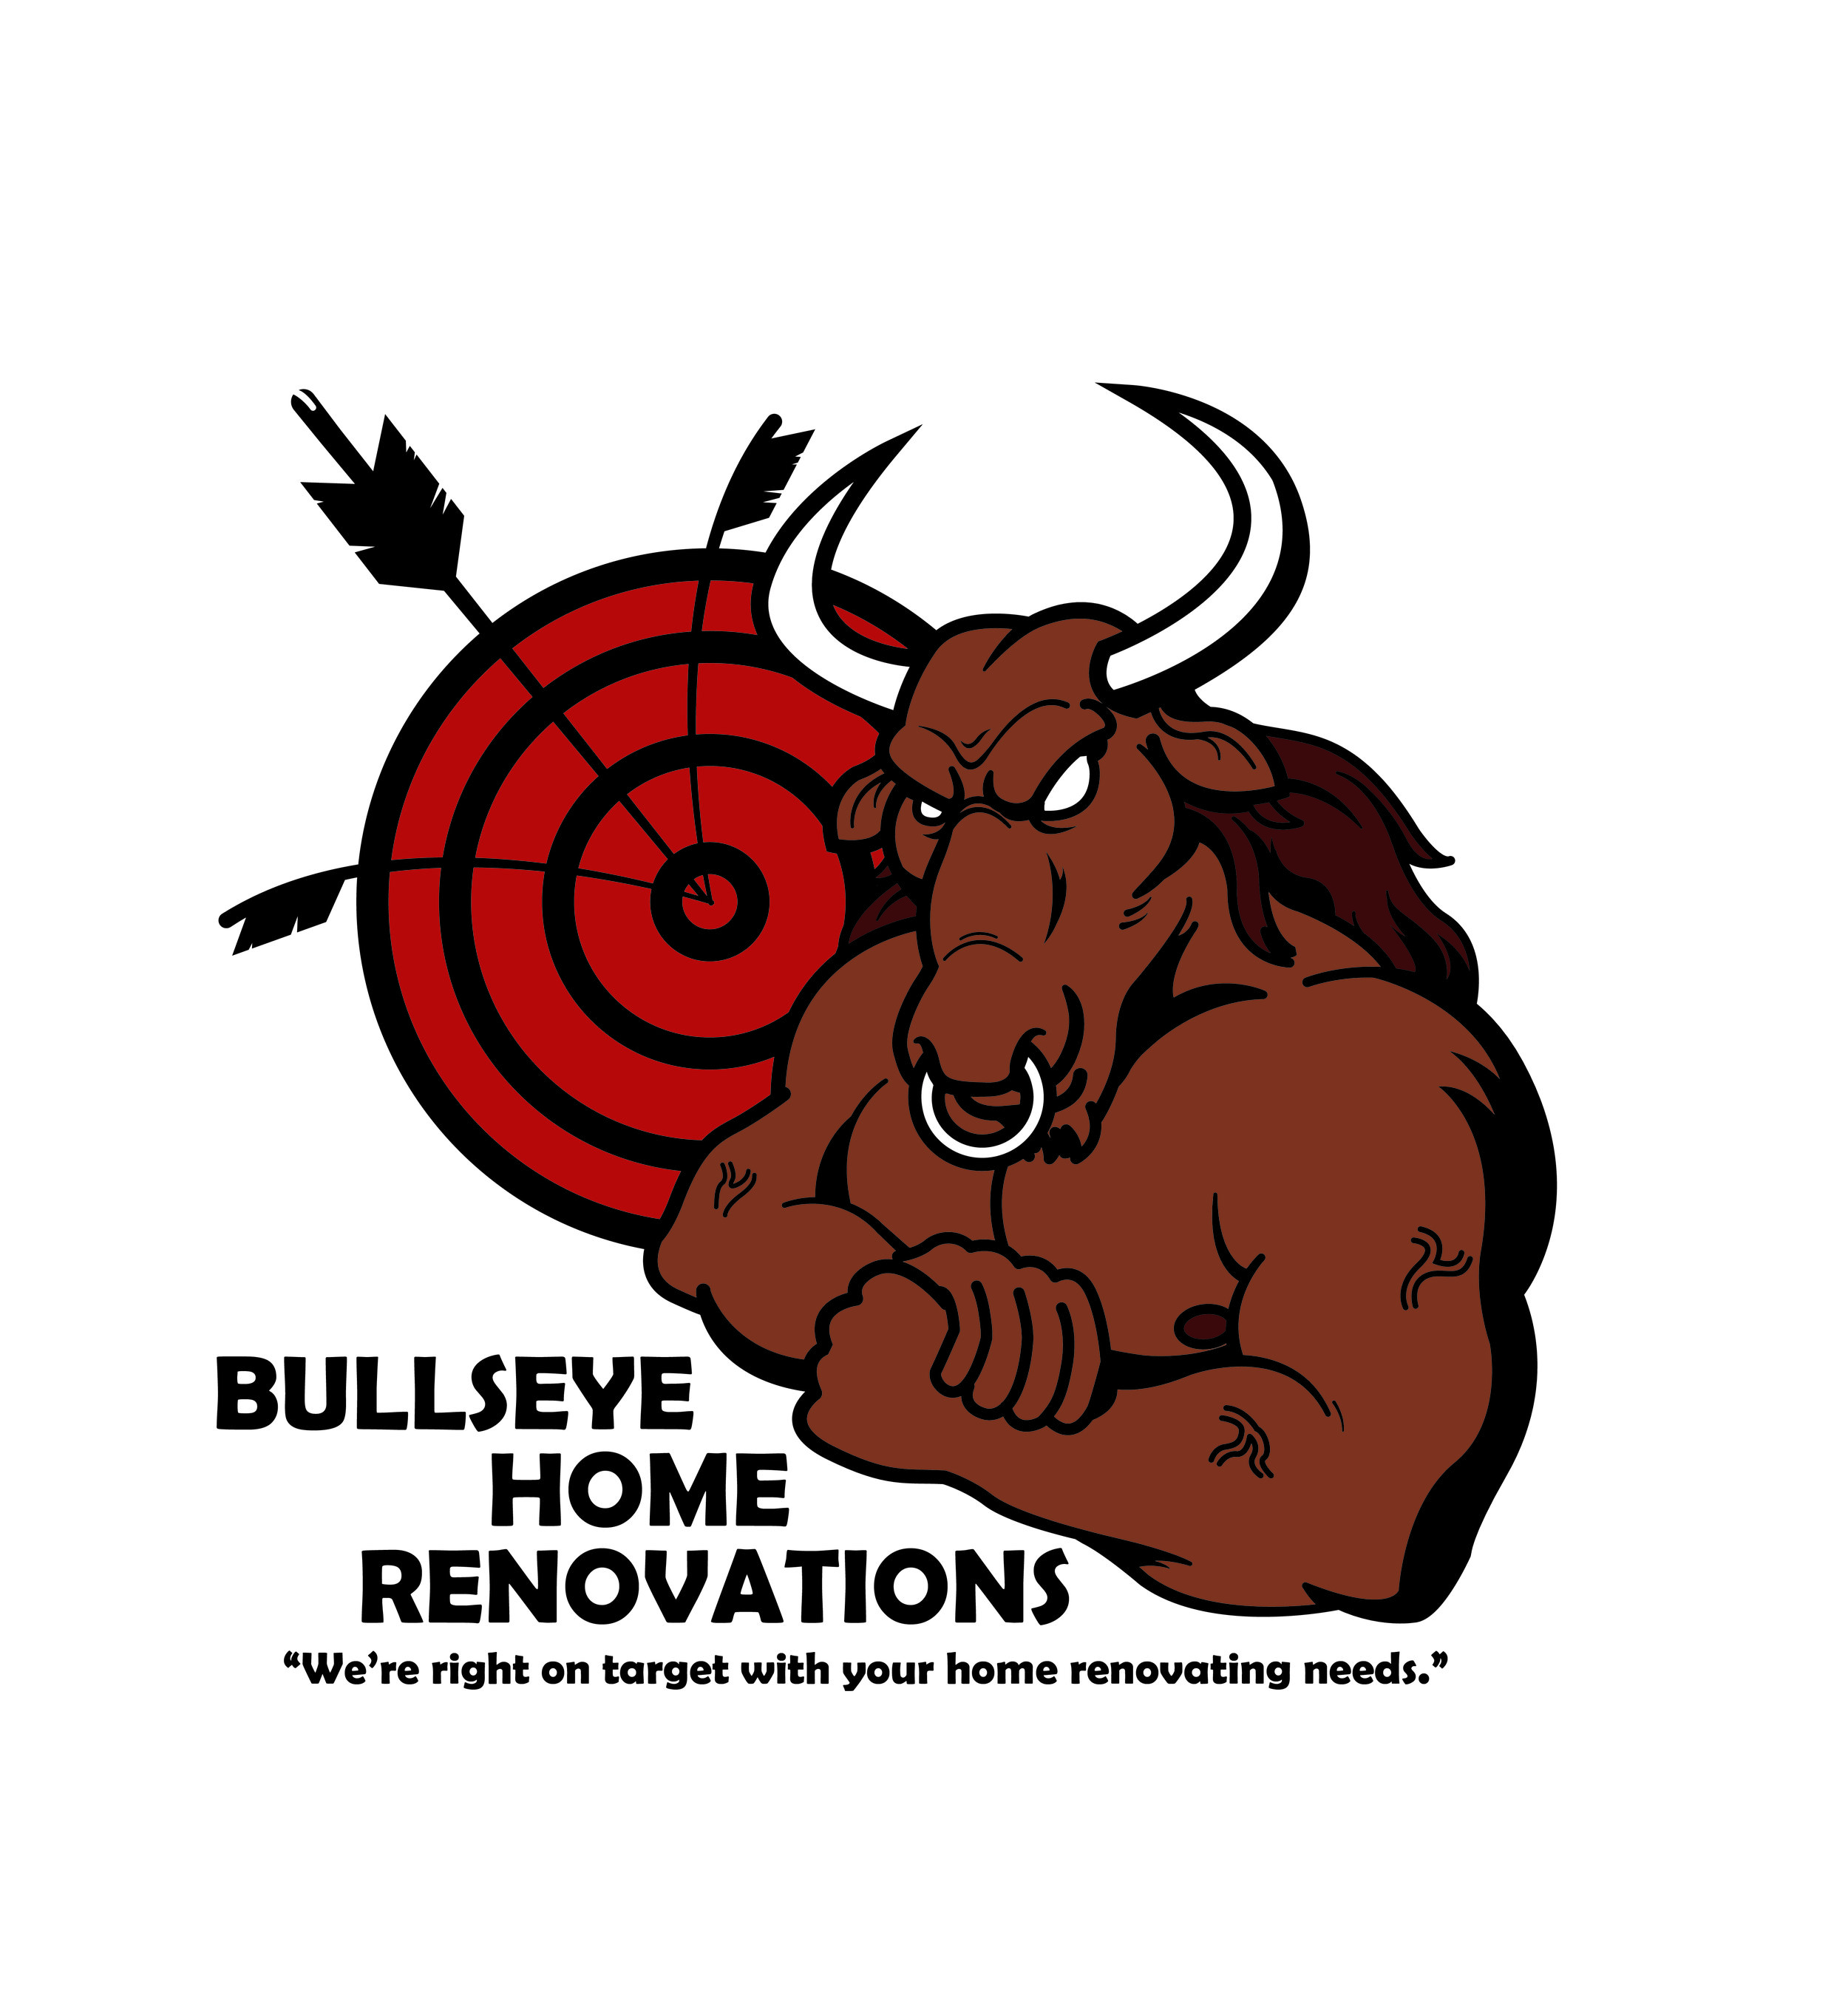 bullseyelogofinal.jpg